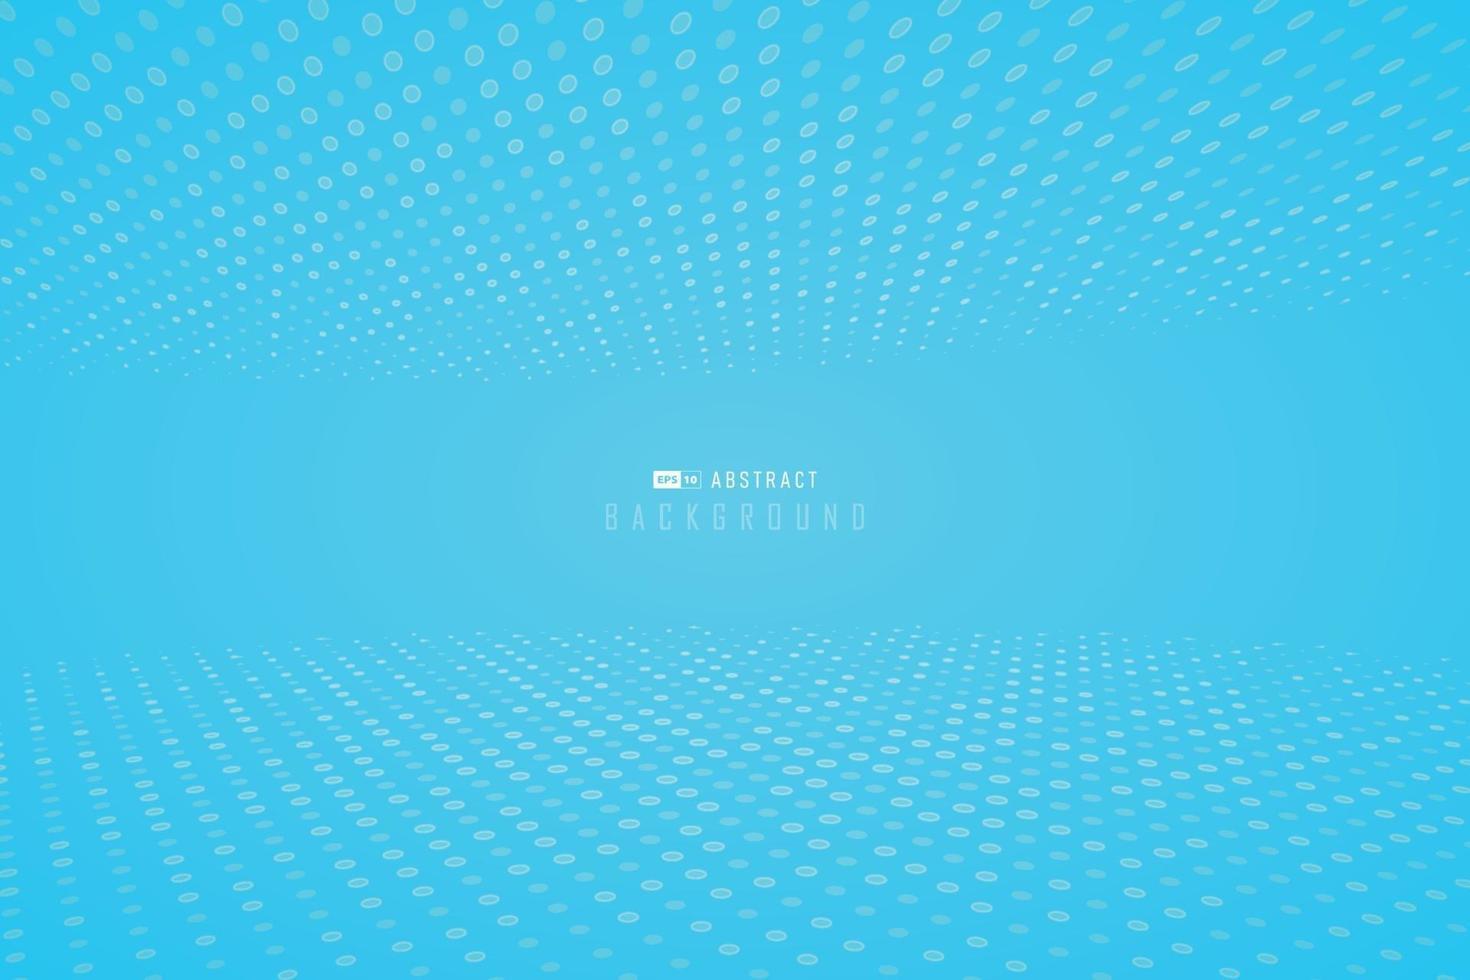 fond d'écran bleu dégradé lumineux abstrait avec fond de conception minimale en pointillé en demi-teinte. illustration vectorielle vecteur